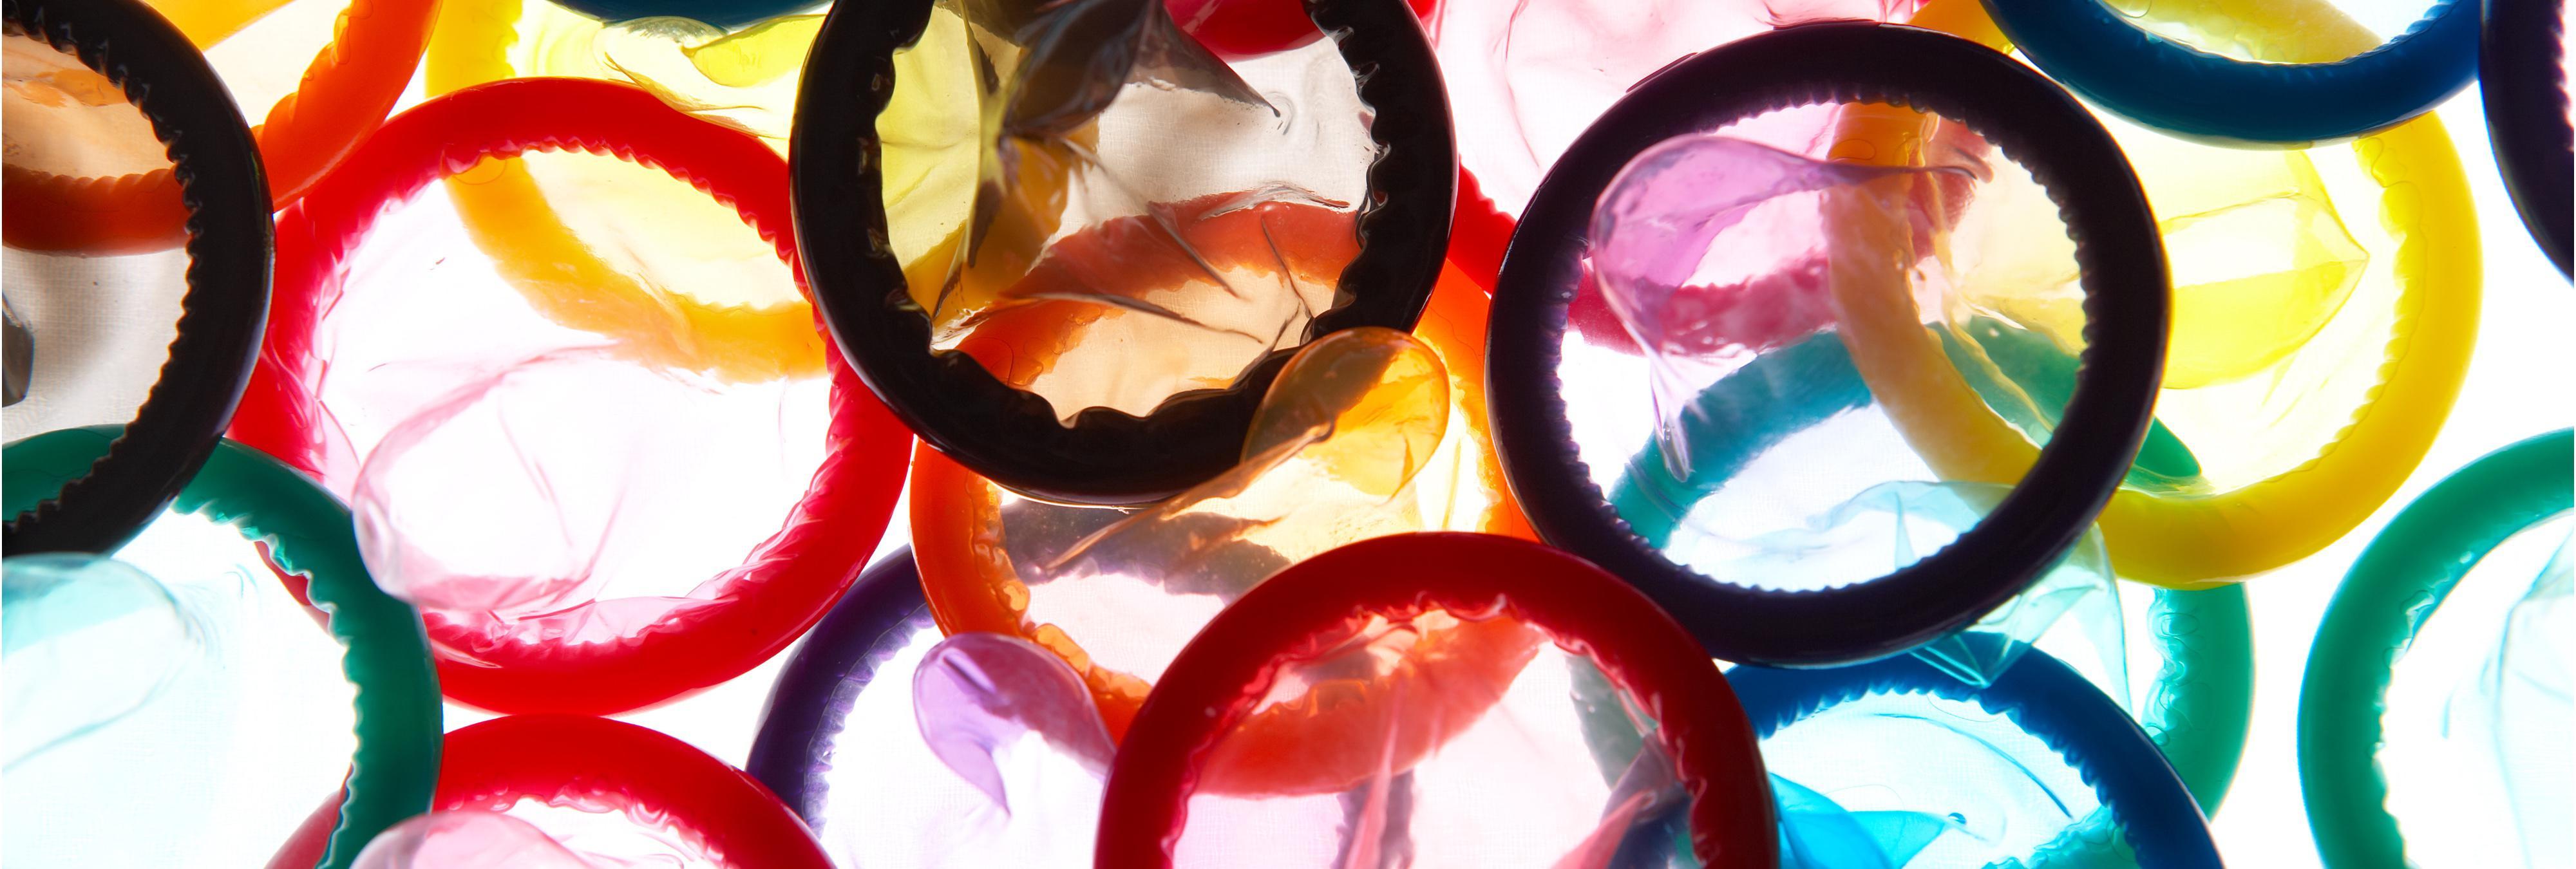 Llega el primer condón inteligente del mercado que mide la potencia sexual